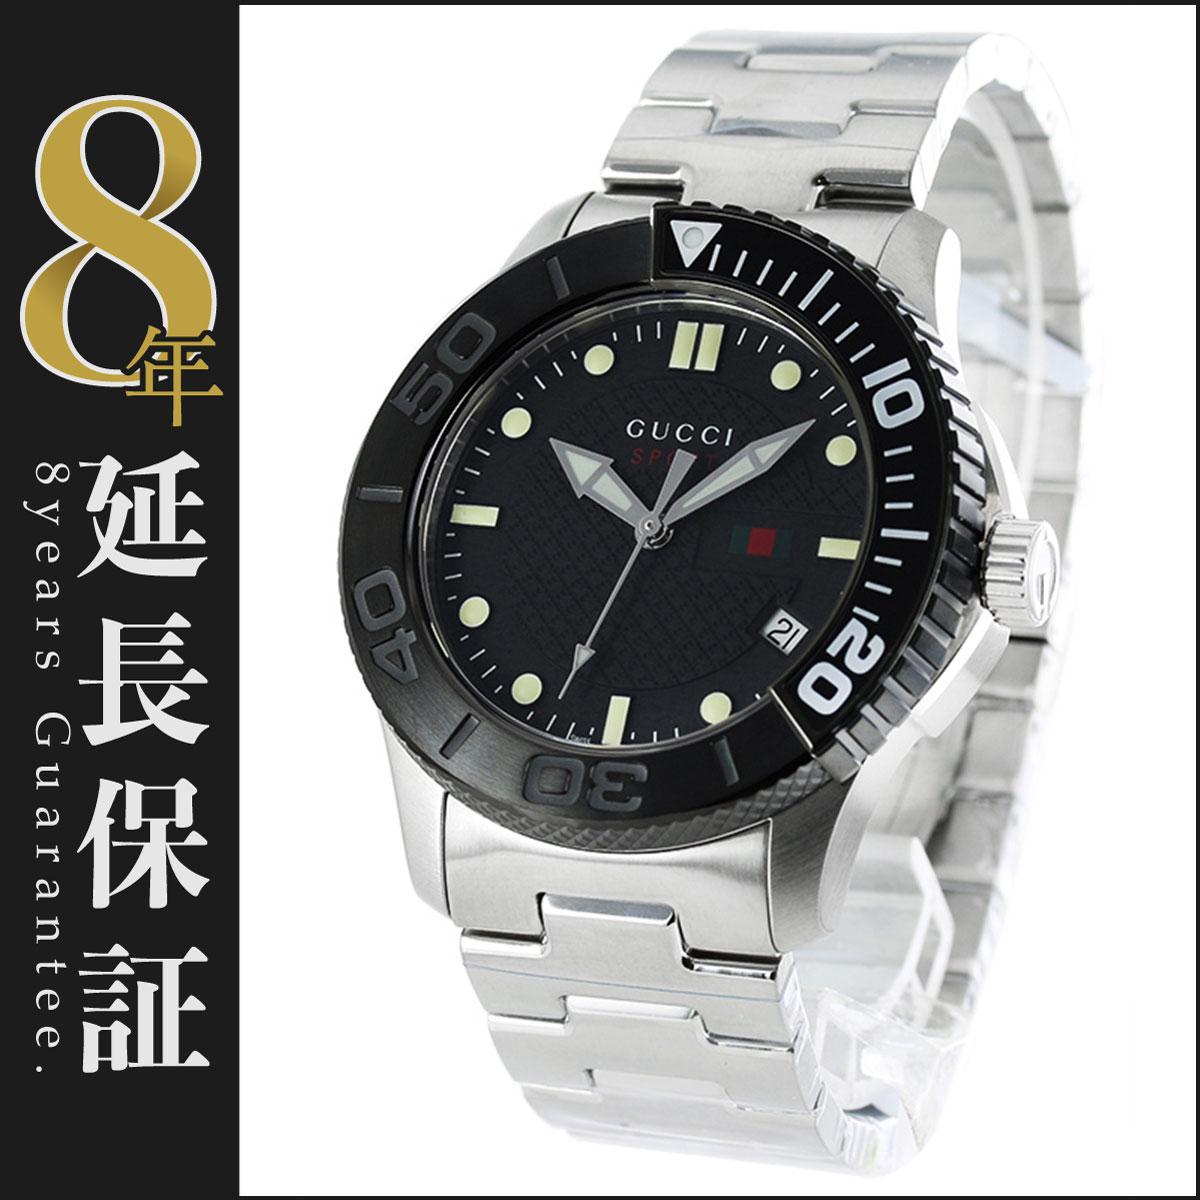 【エントリーでポイント3倍】グッチ GUCCI 腕時計 Gタイムレス メンズ YA126249_8